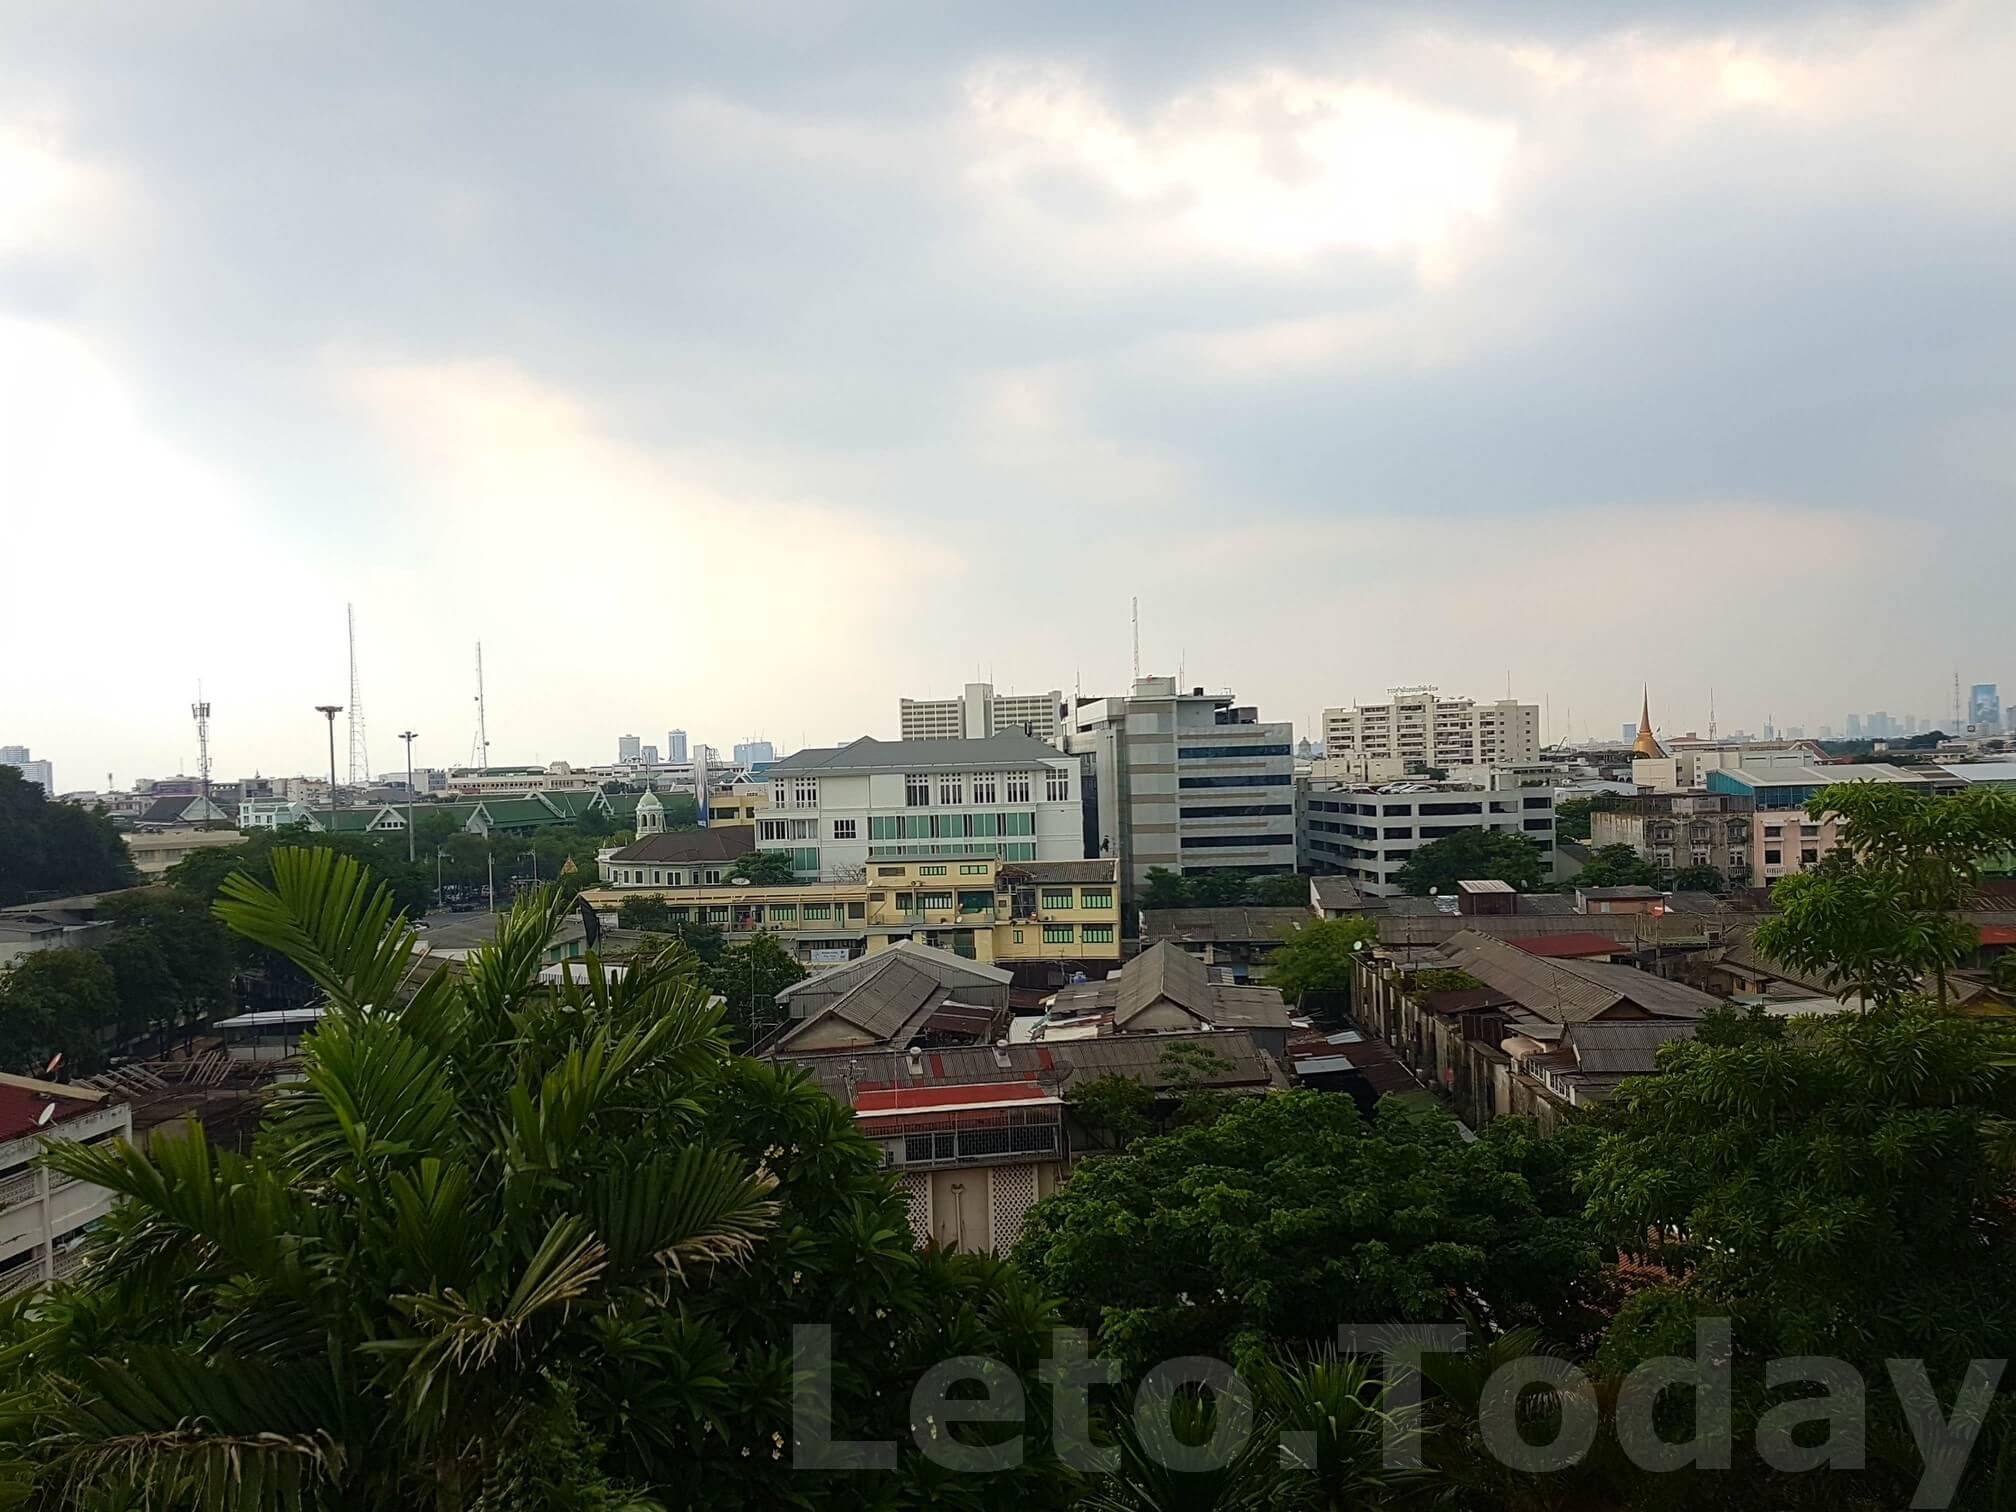 ват сакет leto.today (6) Обзорная площадка в Бангкоке - Ват Сакет